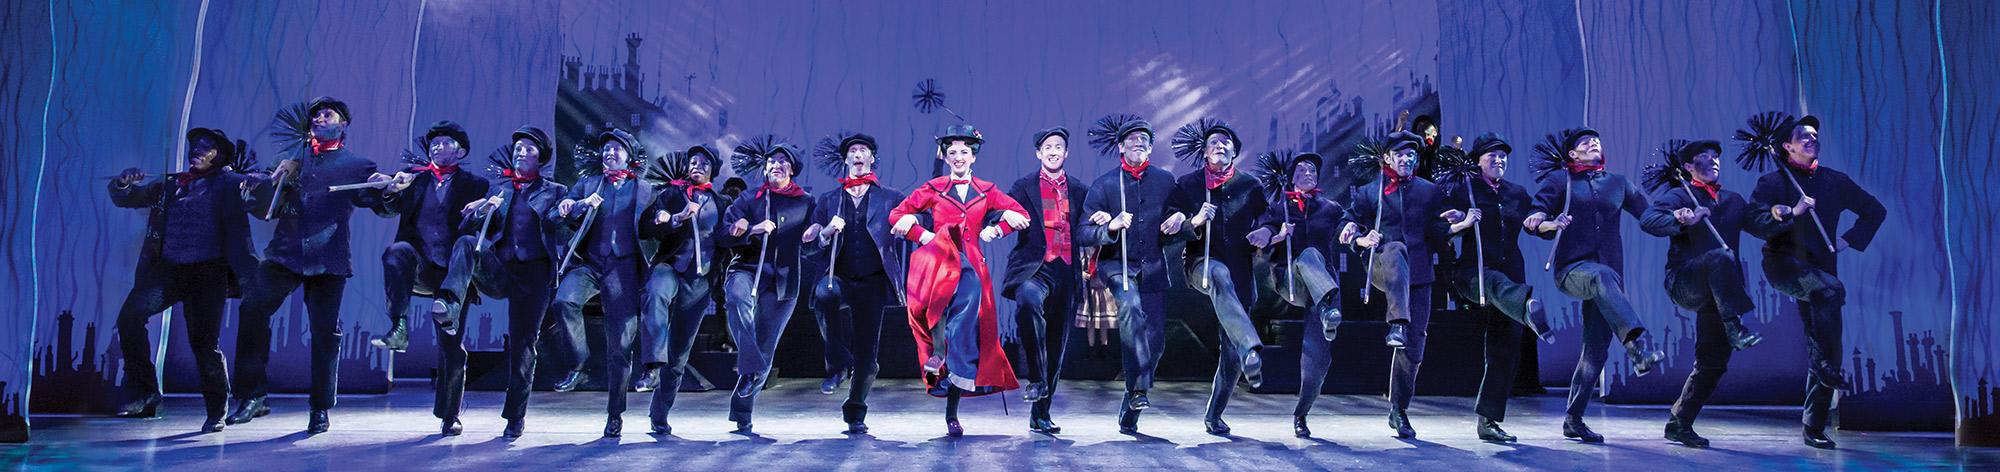 Mary Poppins - Das Musical 2016